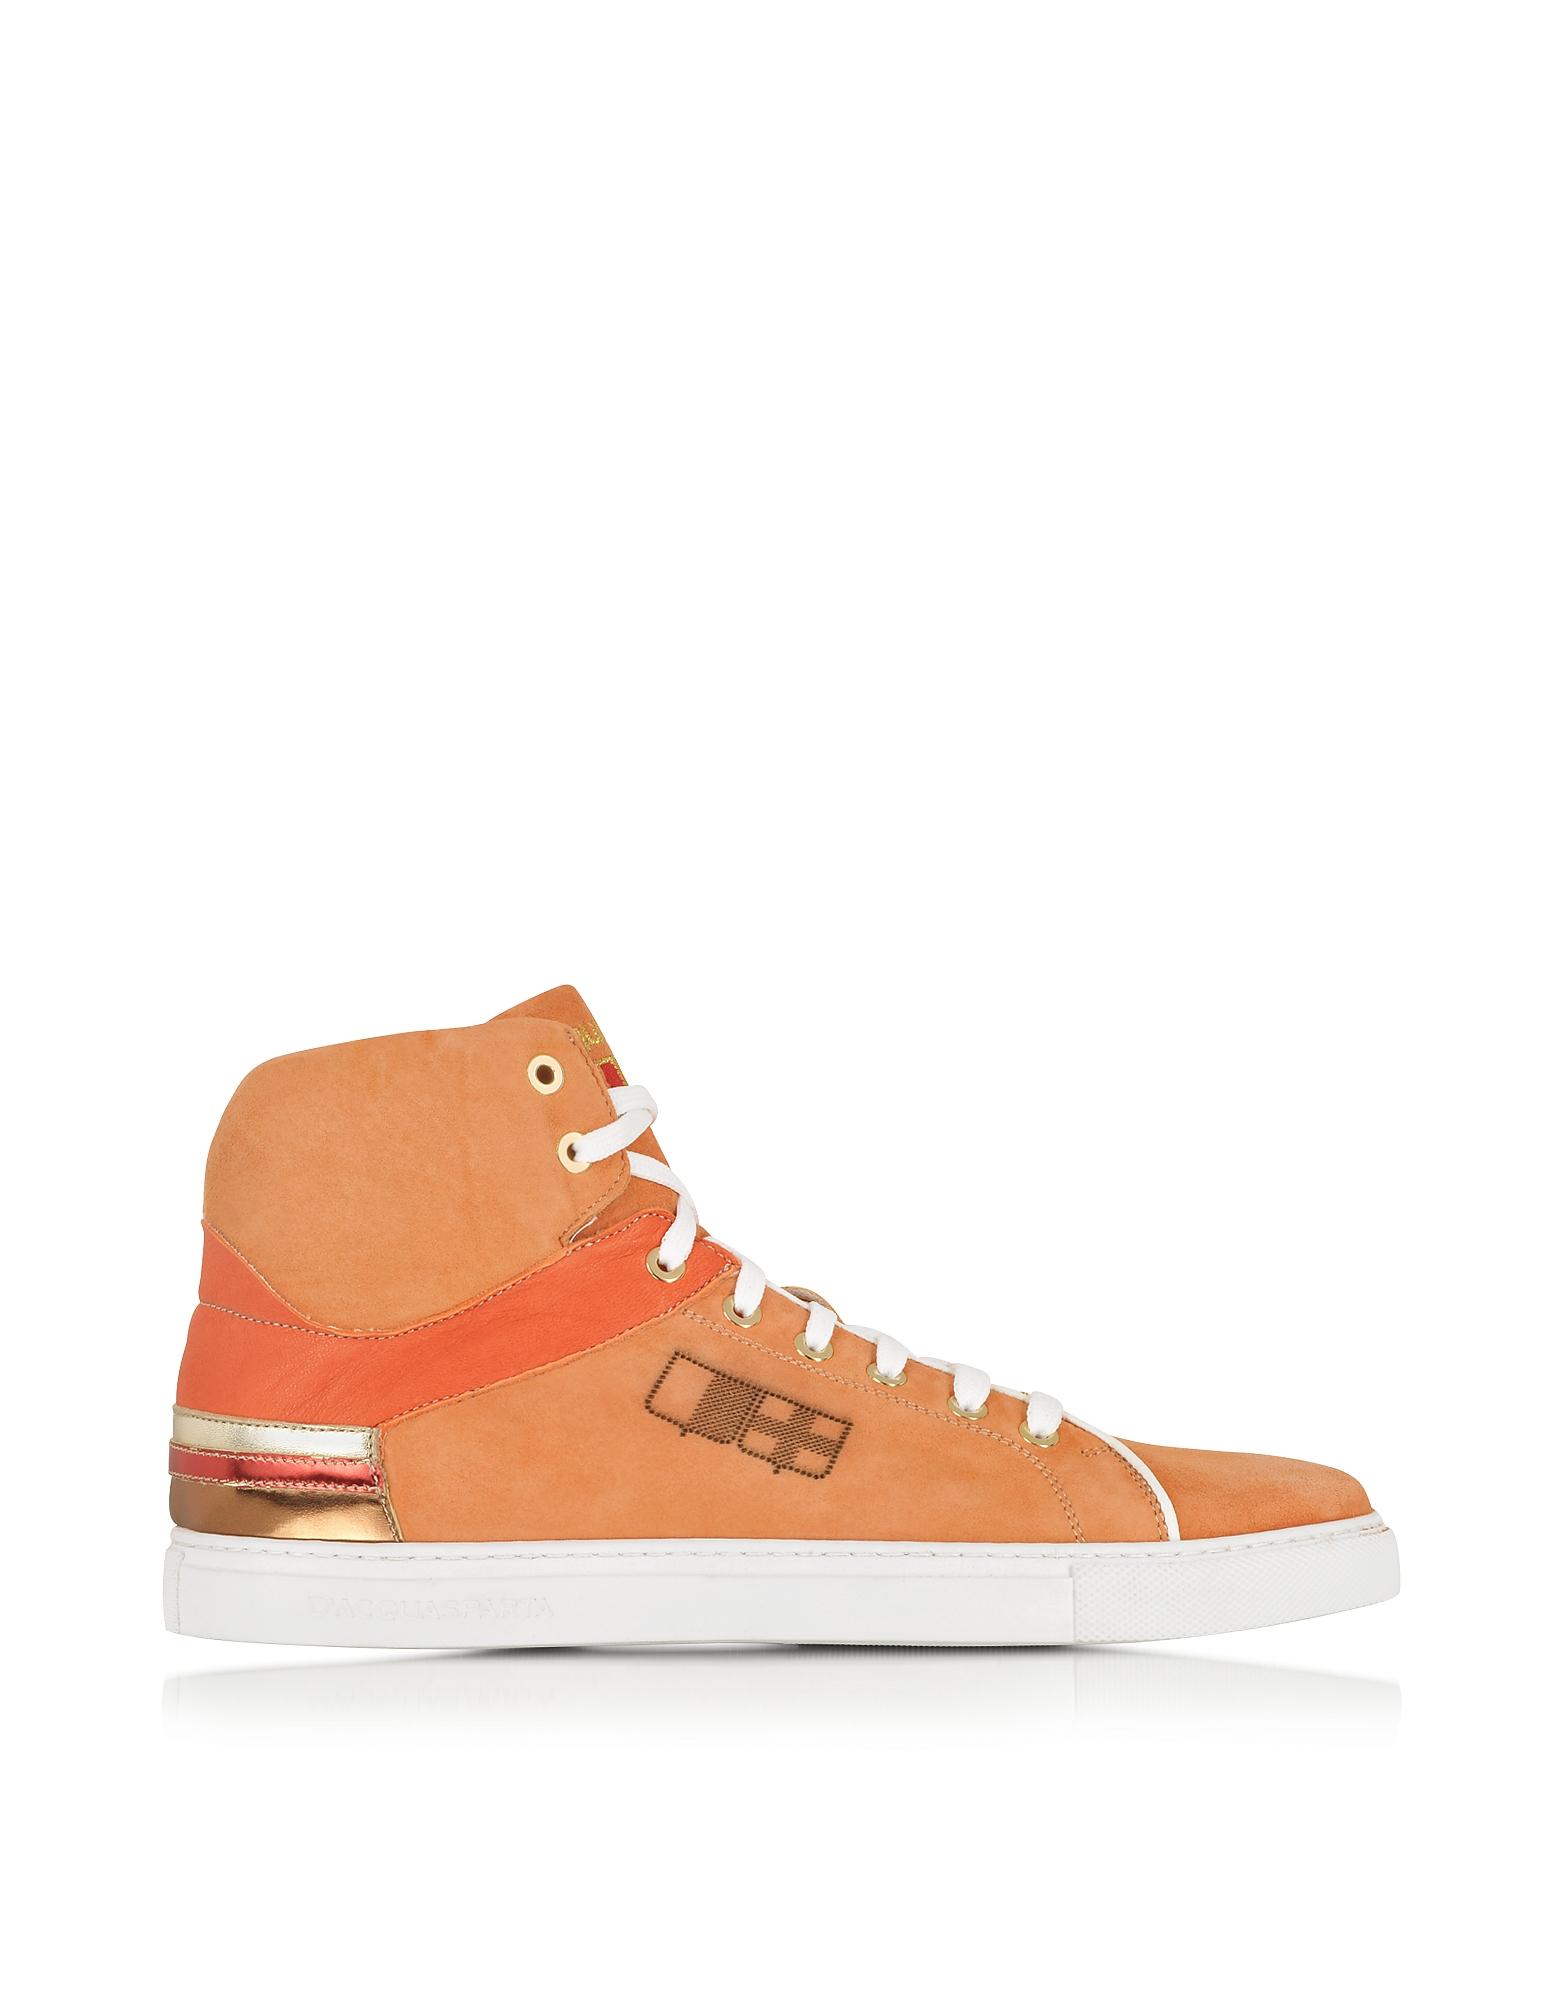 D Plus B- Высокие Оранжевые Замшевые Кроссовки